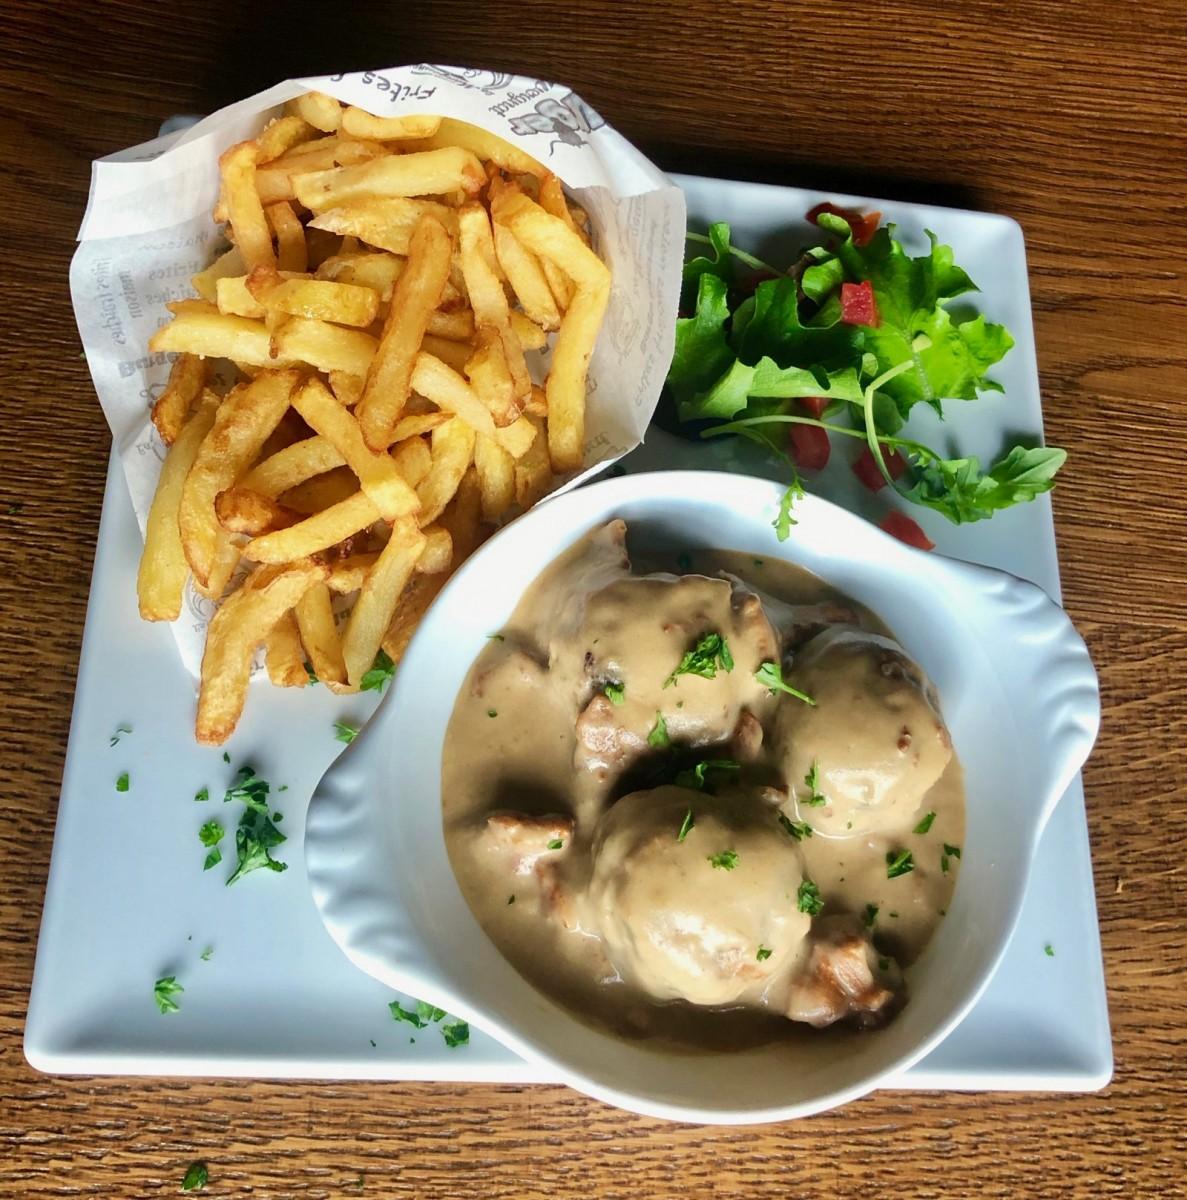 Cassolette de boulettes de poulet, sauce aux girolles à La Mangoune